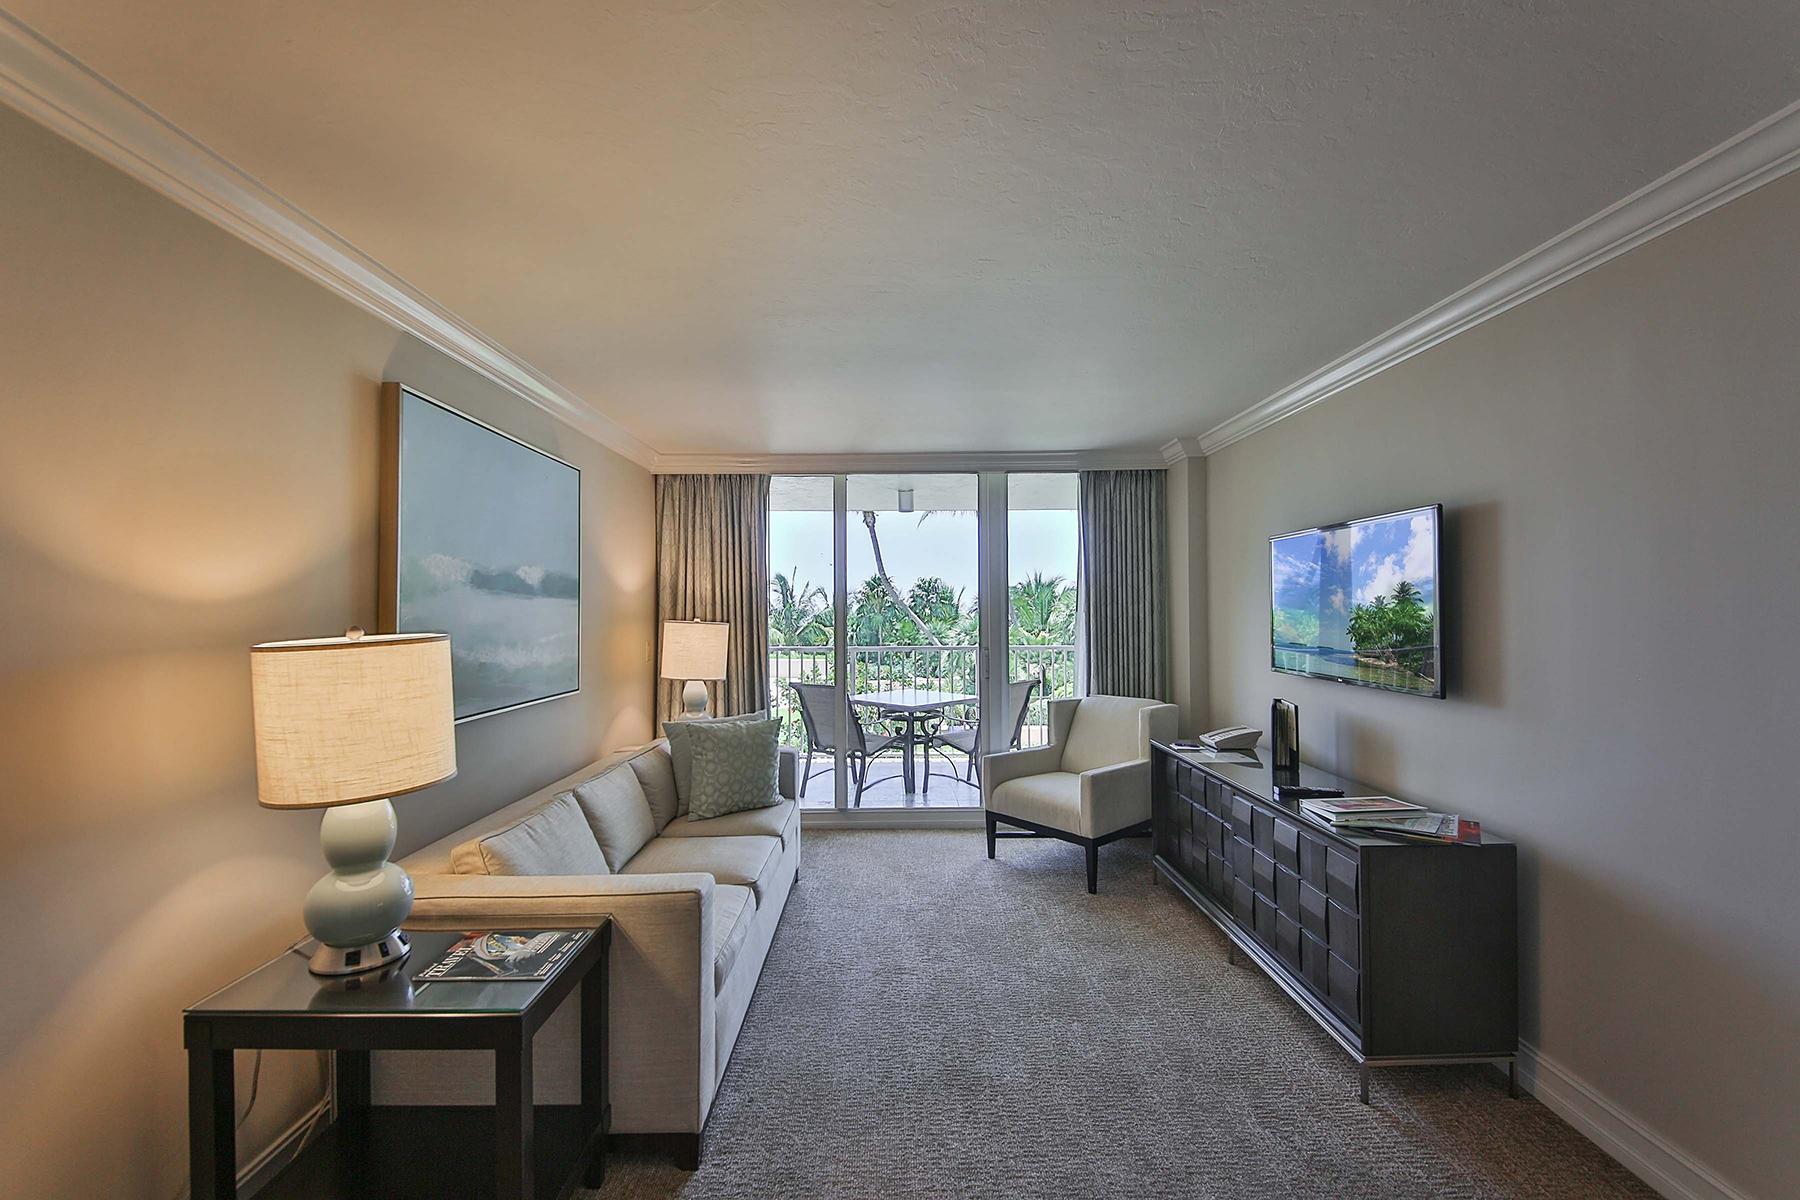 共管式独立产权公寓 为 销售 在 MARCO ISLAND 480 S Collier Blvd 603 马可岛, 佛罗里达州, 34145 美国